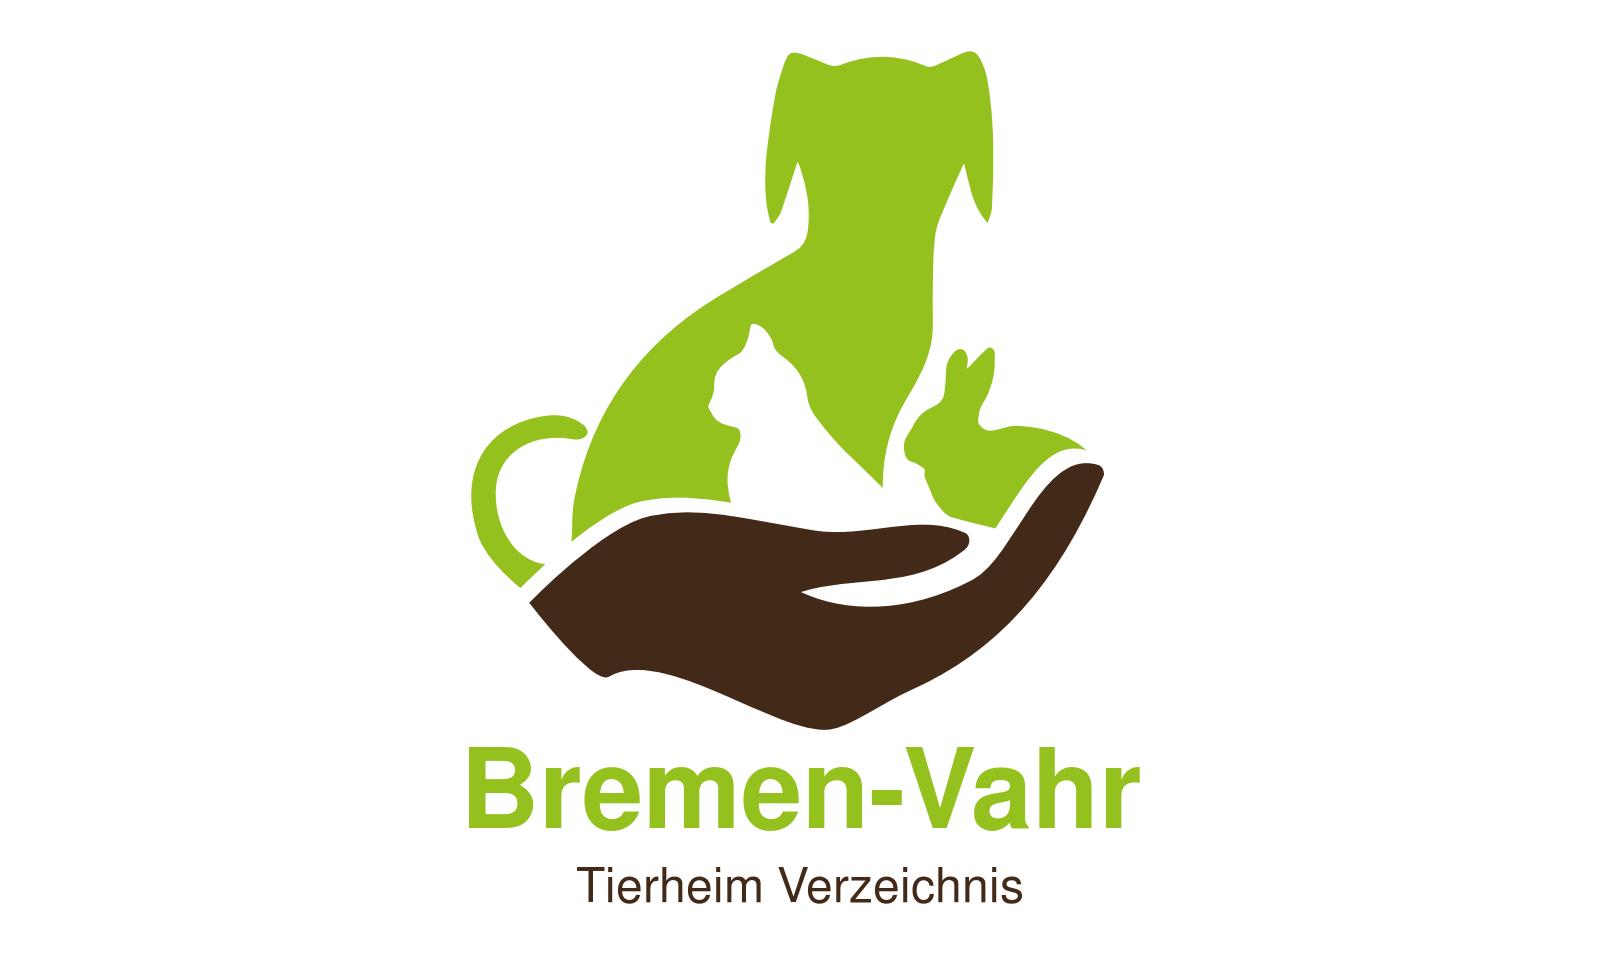 Tierheim Bremen Vahr